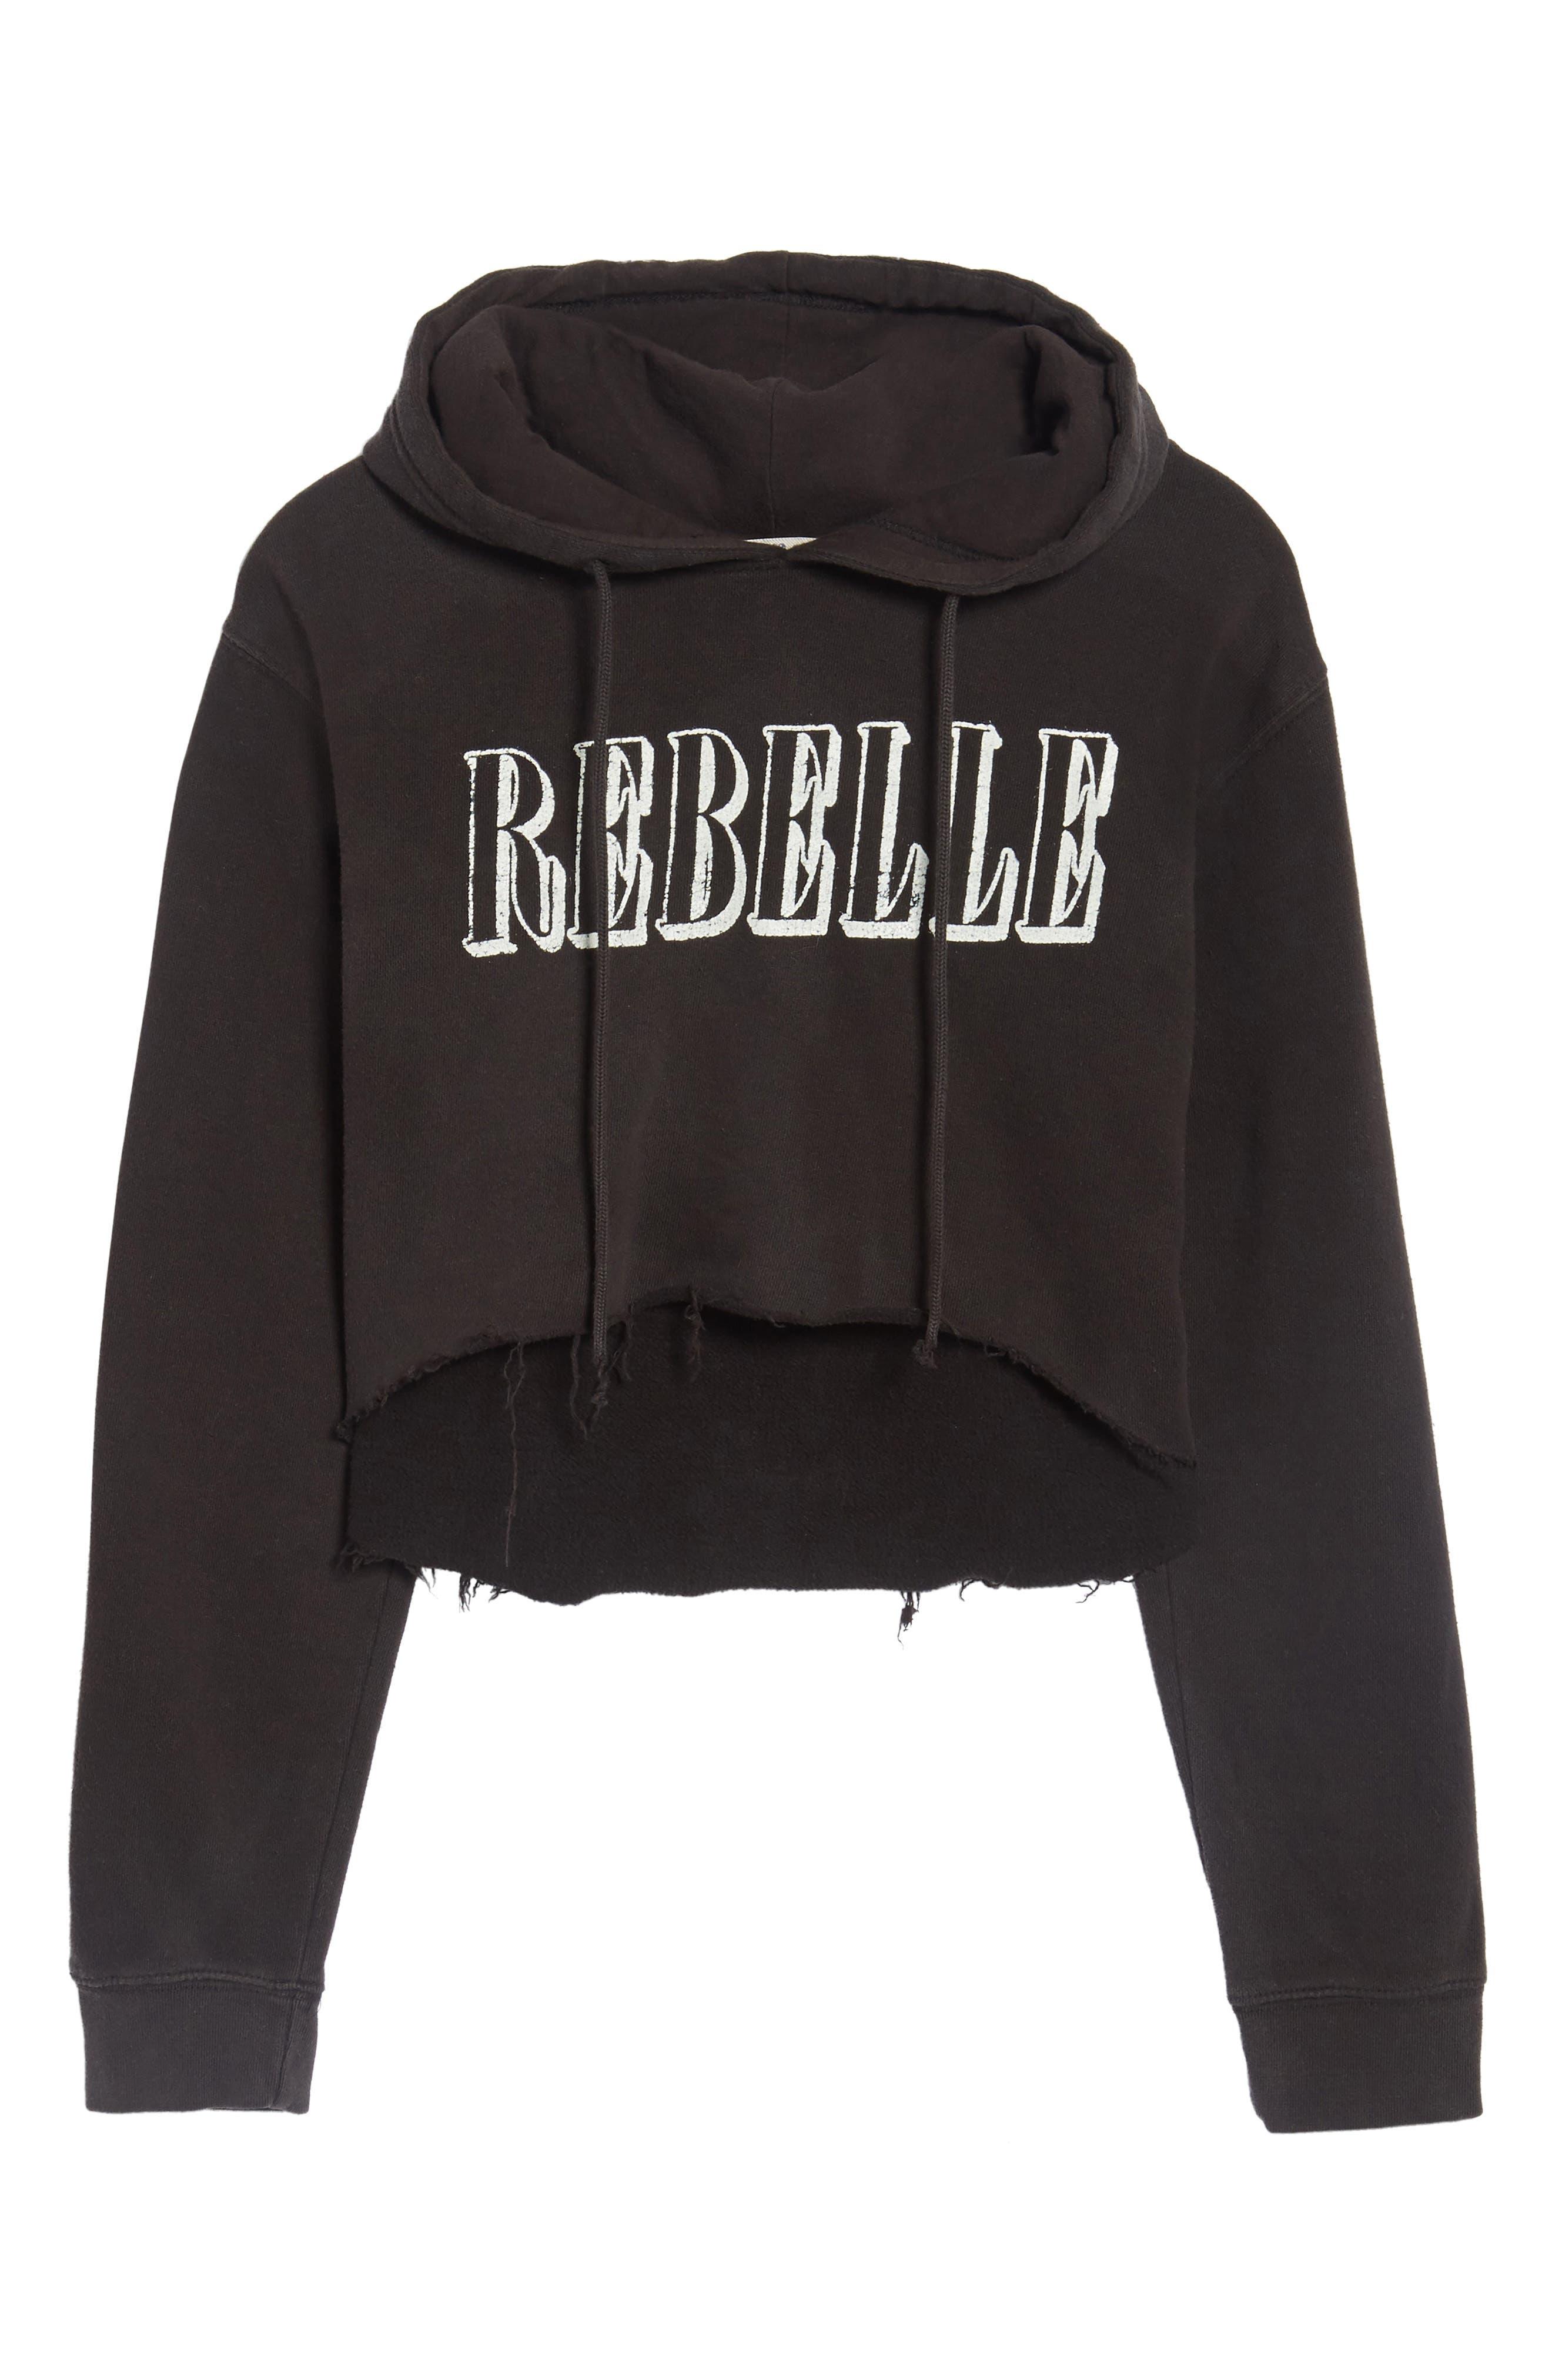 Rebelle Crop Hoodie,                             Alternate thumbnail 6, color,                             Black